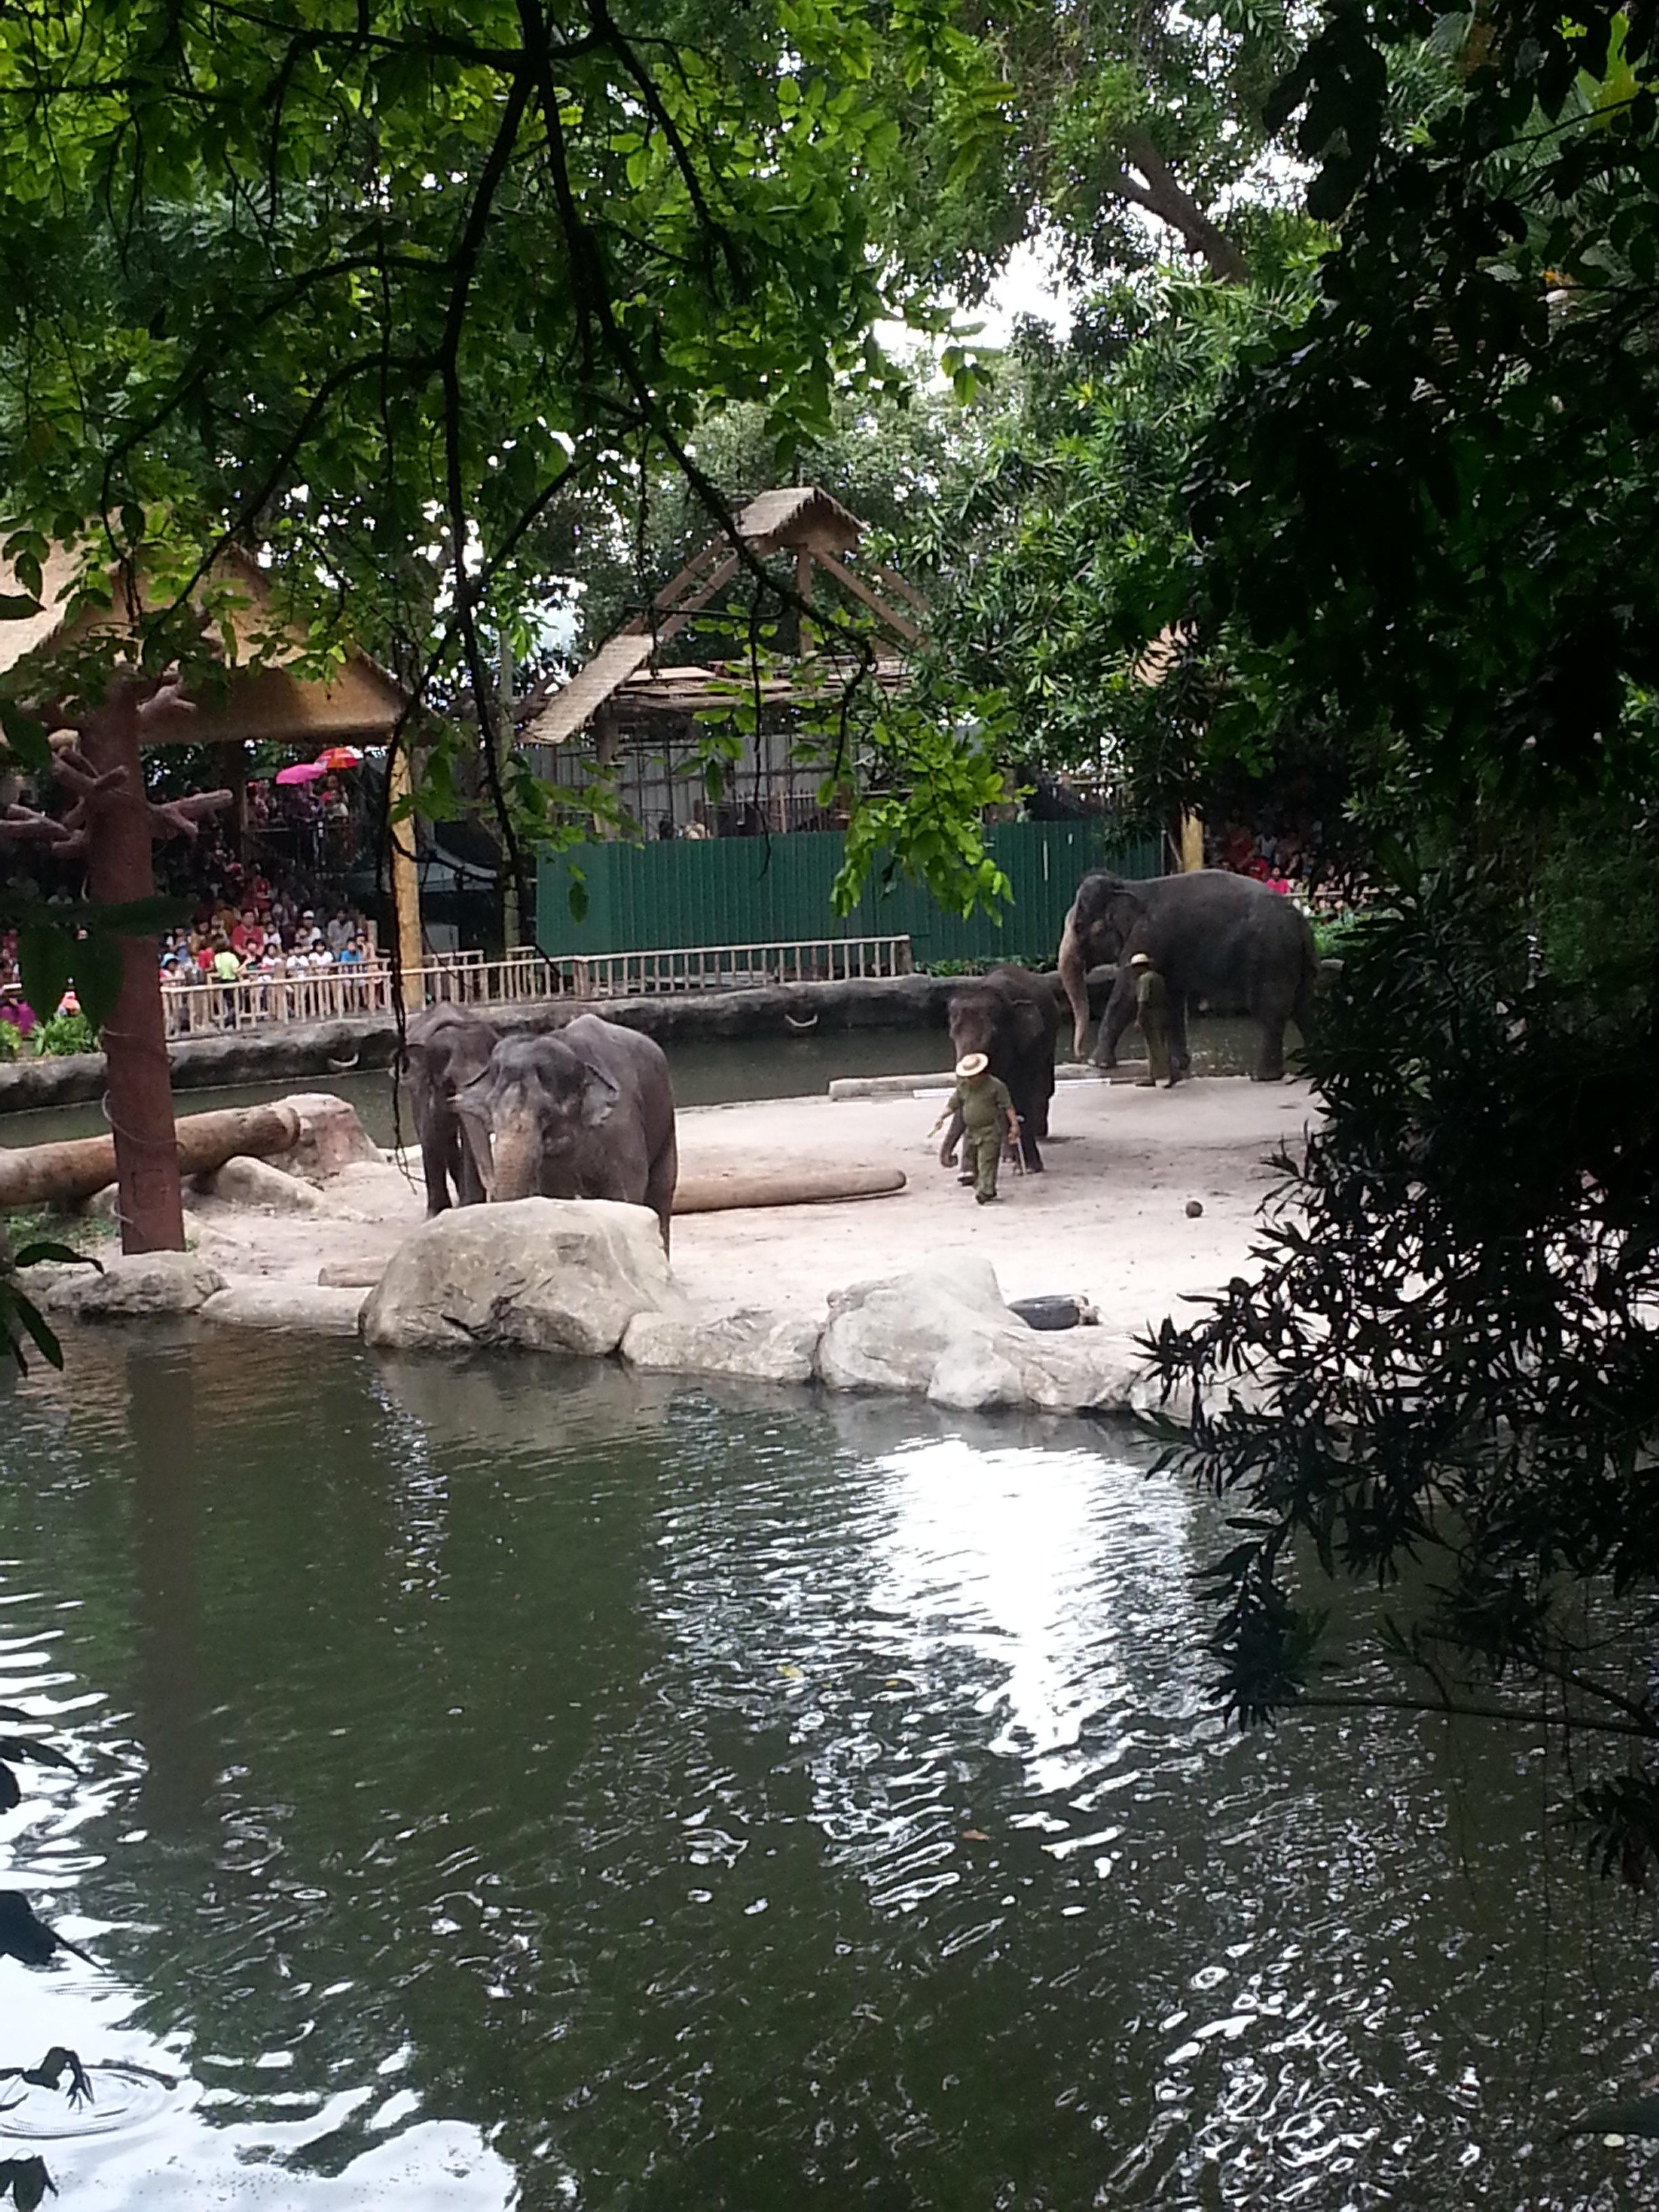 新加坡动物园采用全开放式的模式,是世界十大动物园之一。园内利用热带森林与湖泊等天然屏障代替栅栏,使我们可以不受铁笼的遮栏而看得一清二楚,各类动物在没有人为屏障的舒适环境下过著自由自在的生活,与游客和平共处。入园后记得向工作人员要地图(非常重要,有中文版)地图非常清晰直观的标明了各种动物的所在区域及动物表演的时间地点。拿到地图后应该合理规划下游览线路,以及要观看表演的时间。我们在这点上就疏忽了,首先没有规划好先去哪里,再者大家进到里面都有些兴奋,因为随处可见的小动物悠闲的在马路上散步或一抬头在头顶的树梢上又